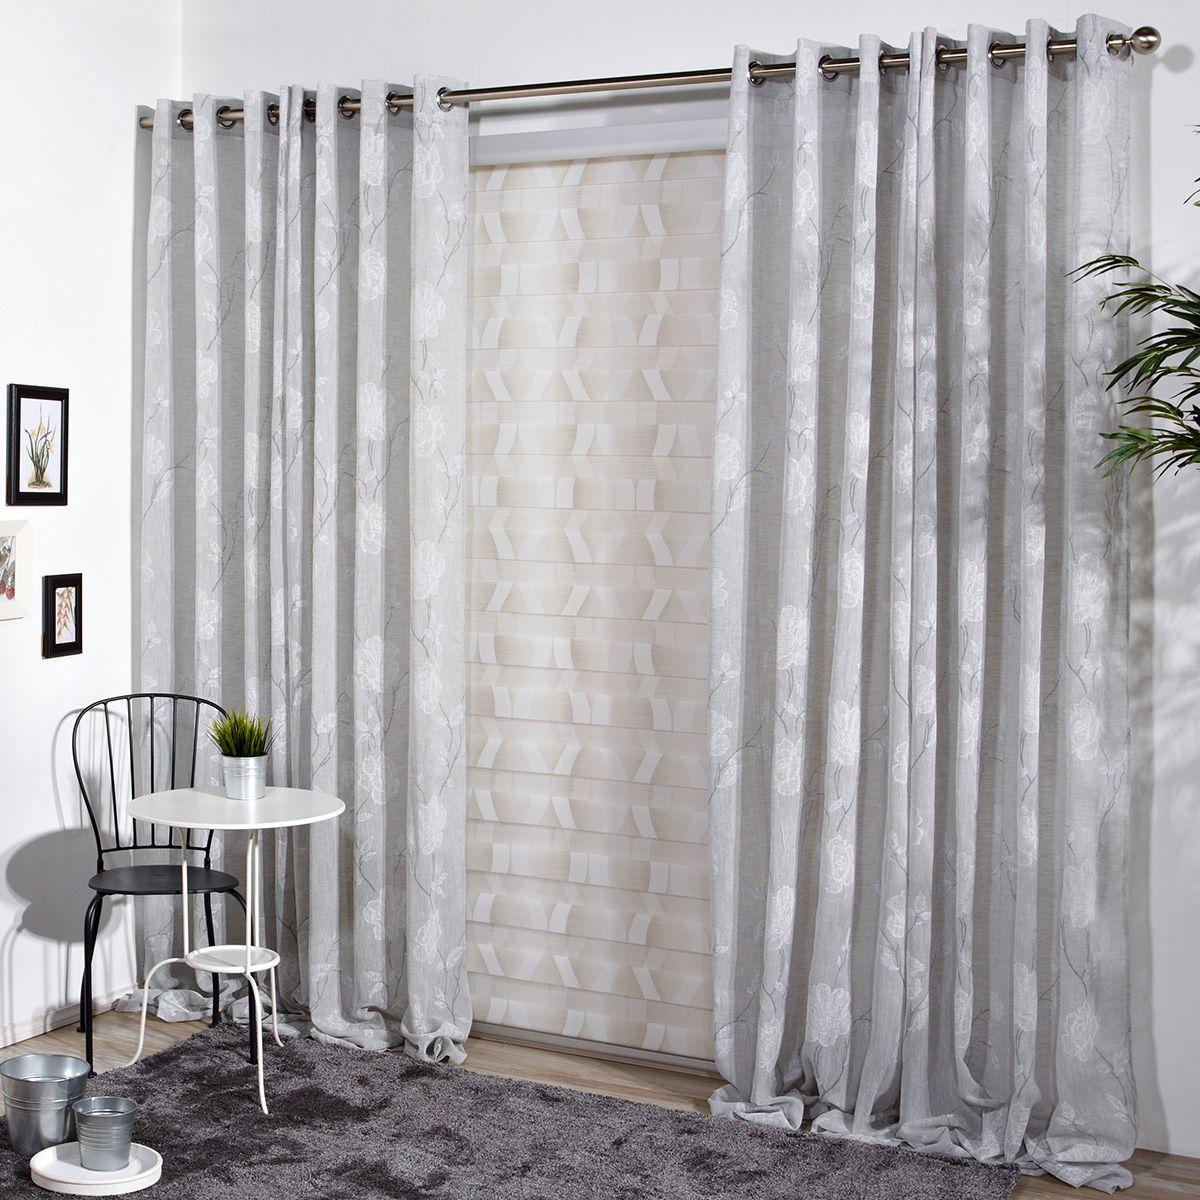 Cortina decorativa maracay cortinas confeccionadas cortinas cortinas - Visillos para salones ...